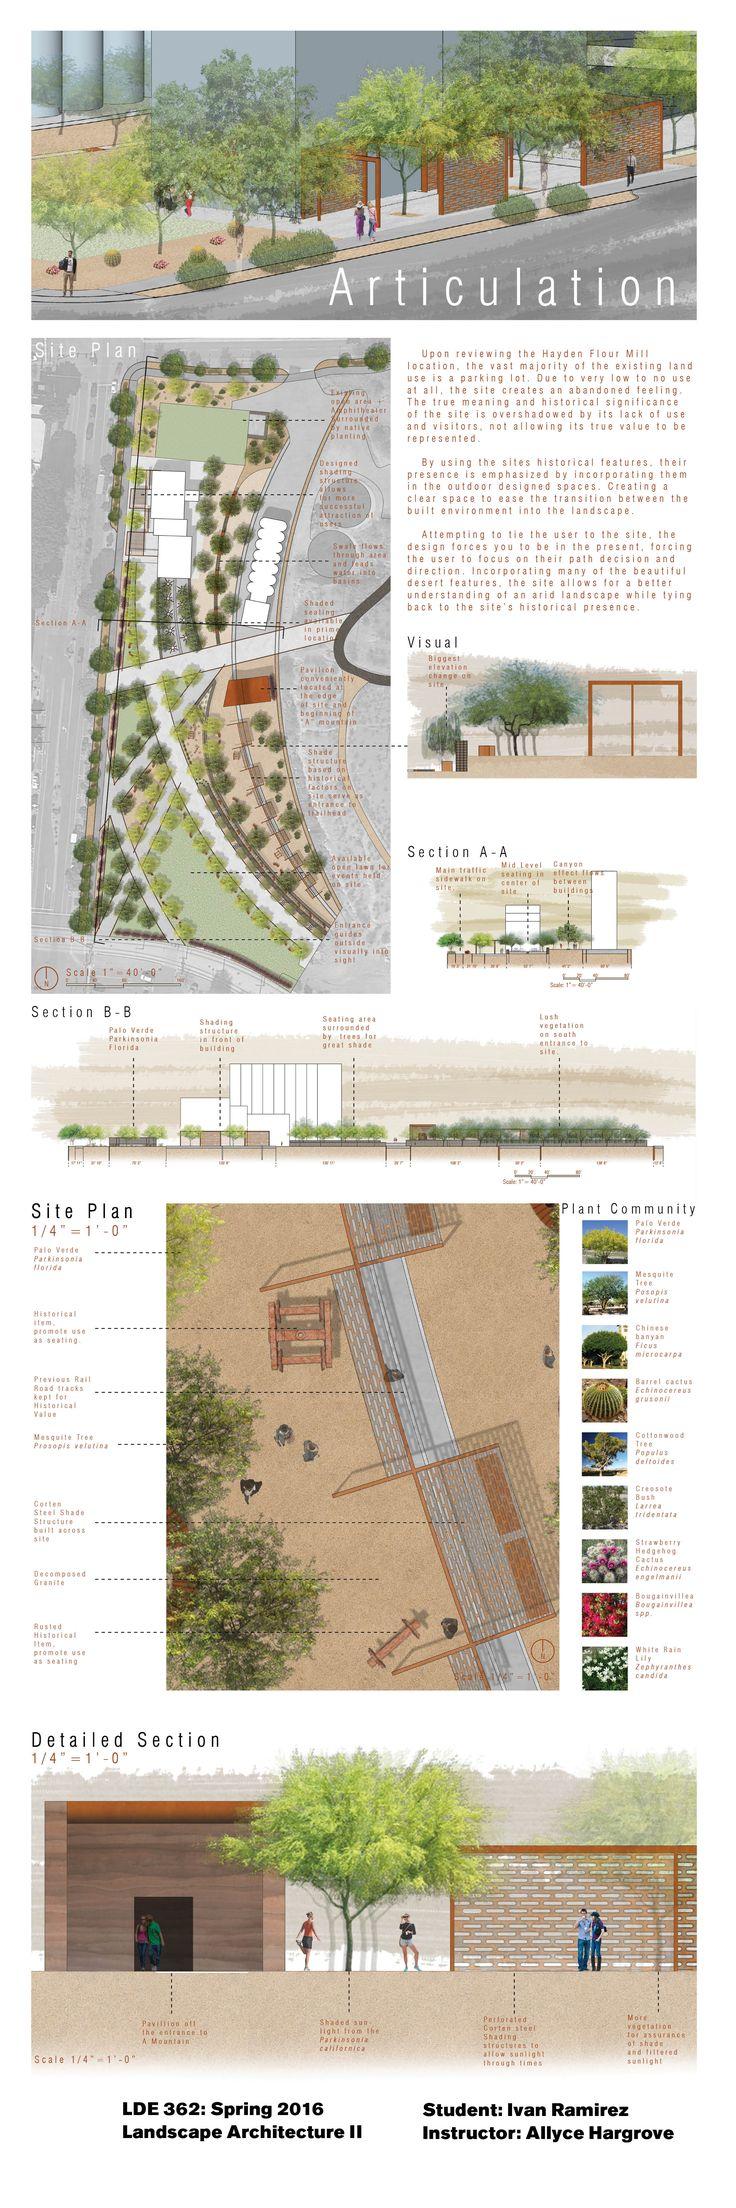 25 mejores im 225 genes de architecture vegetation en pinterest - Learn More About The Landscape Architecture Program At Https Design Asu